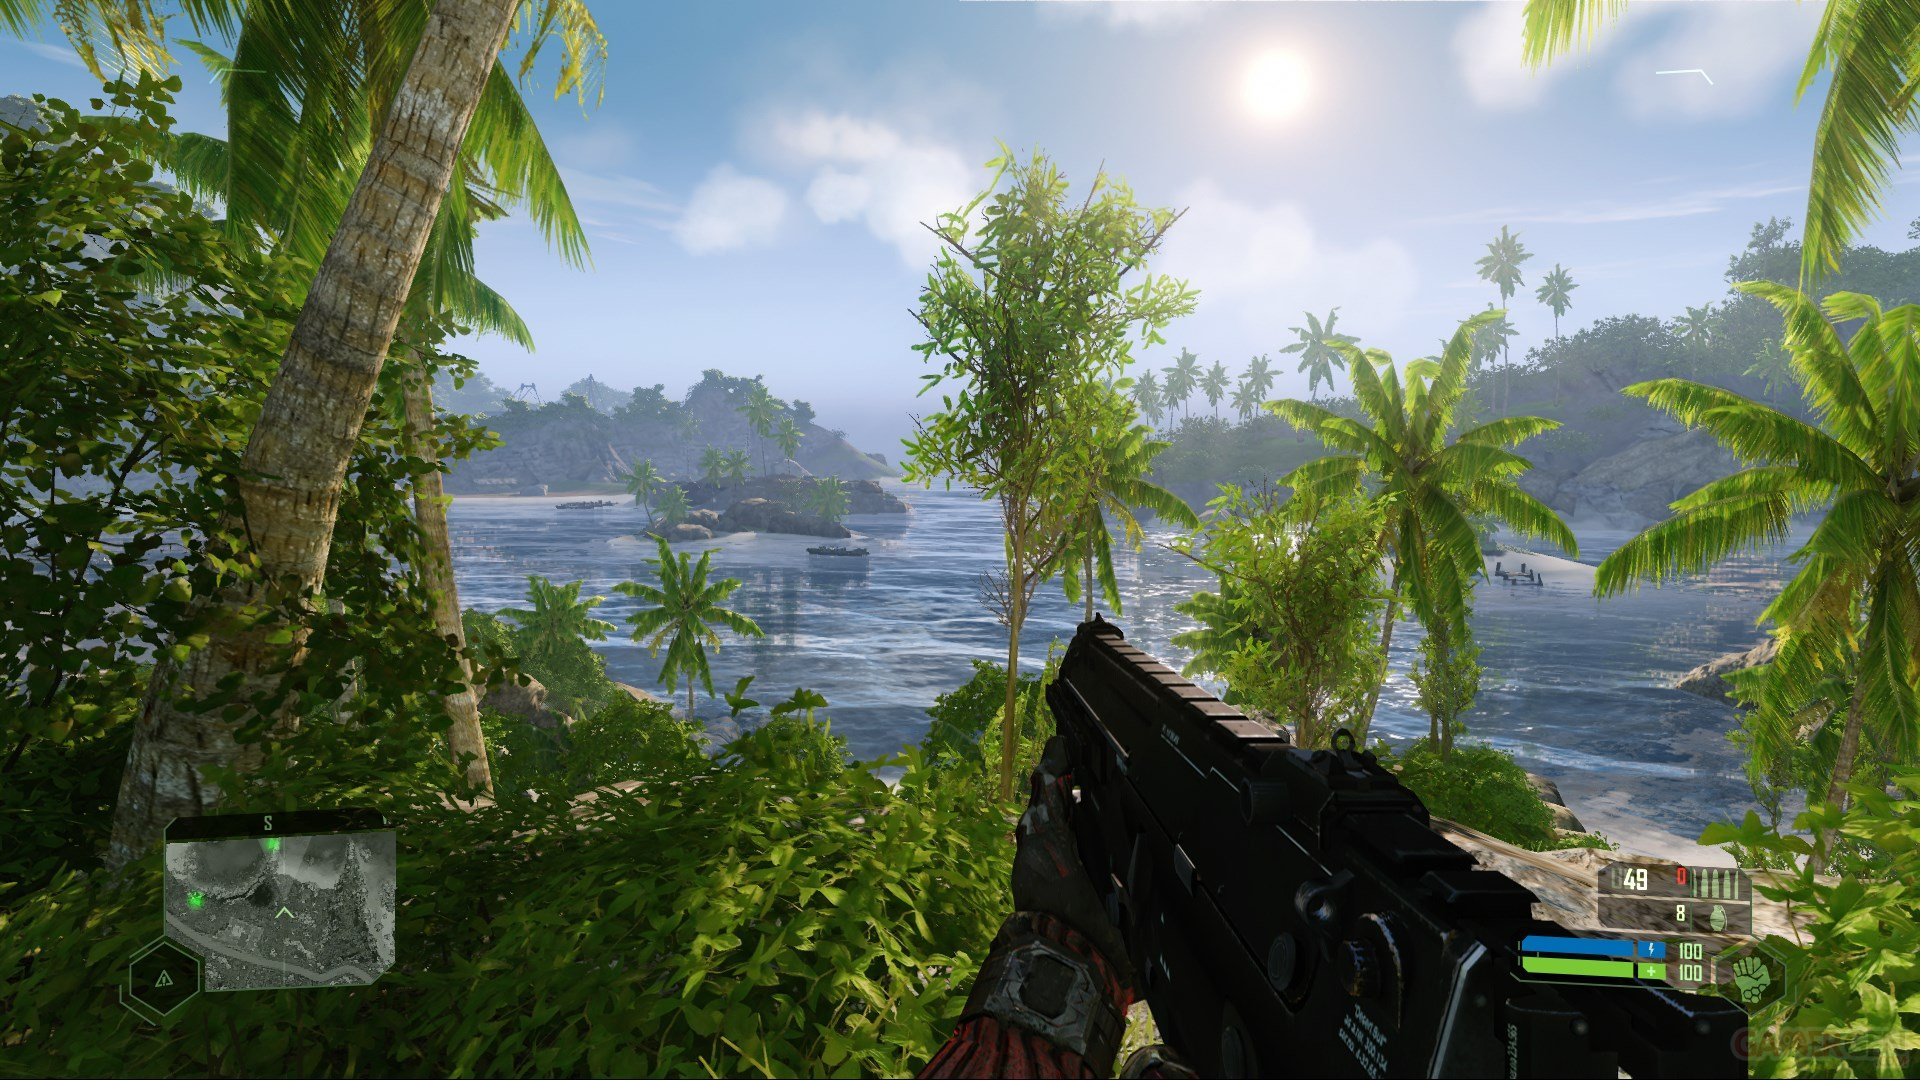 Voici un trailer clinquant en 8K pour présenter l'aspect technique — Crysis Remastered